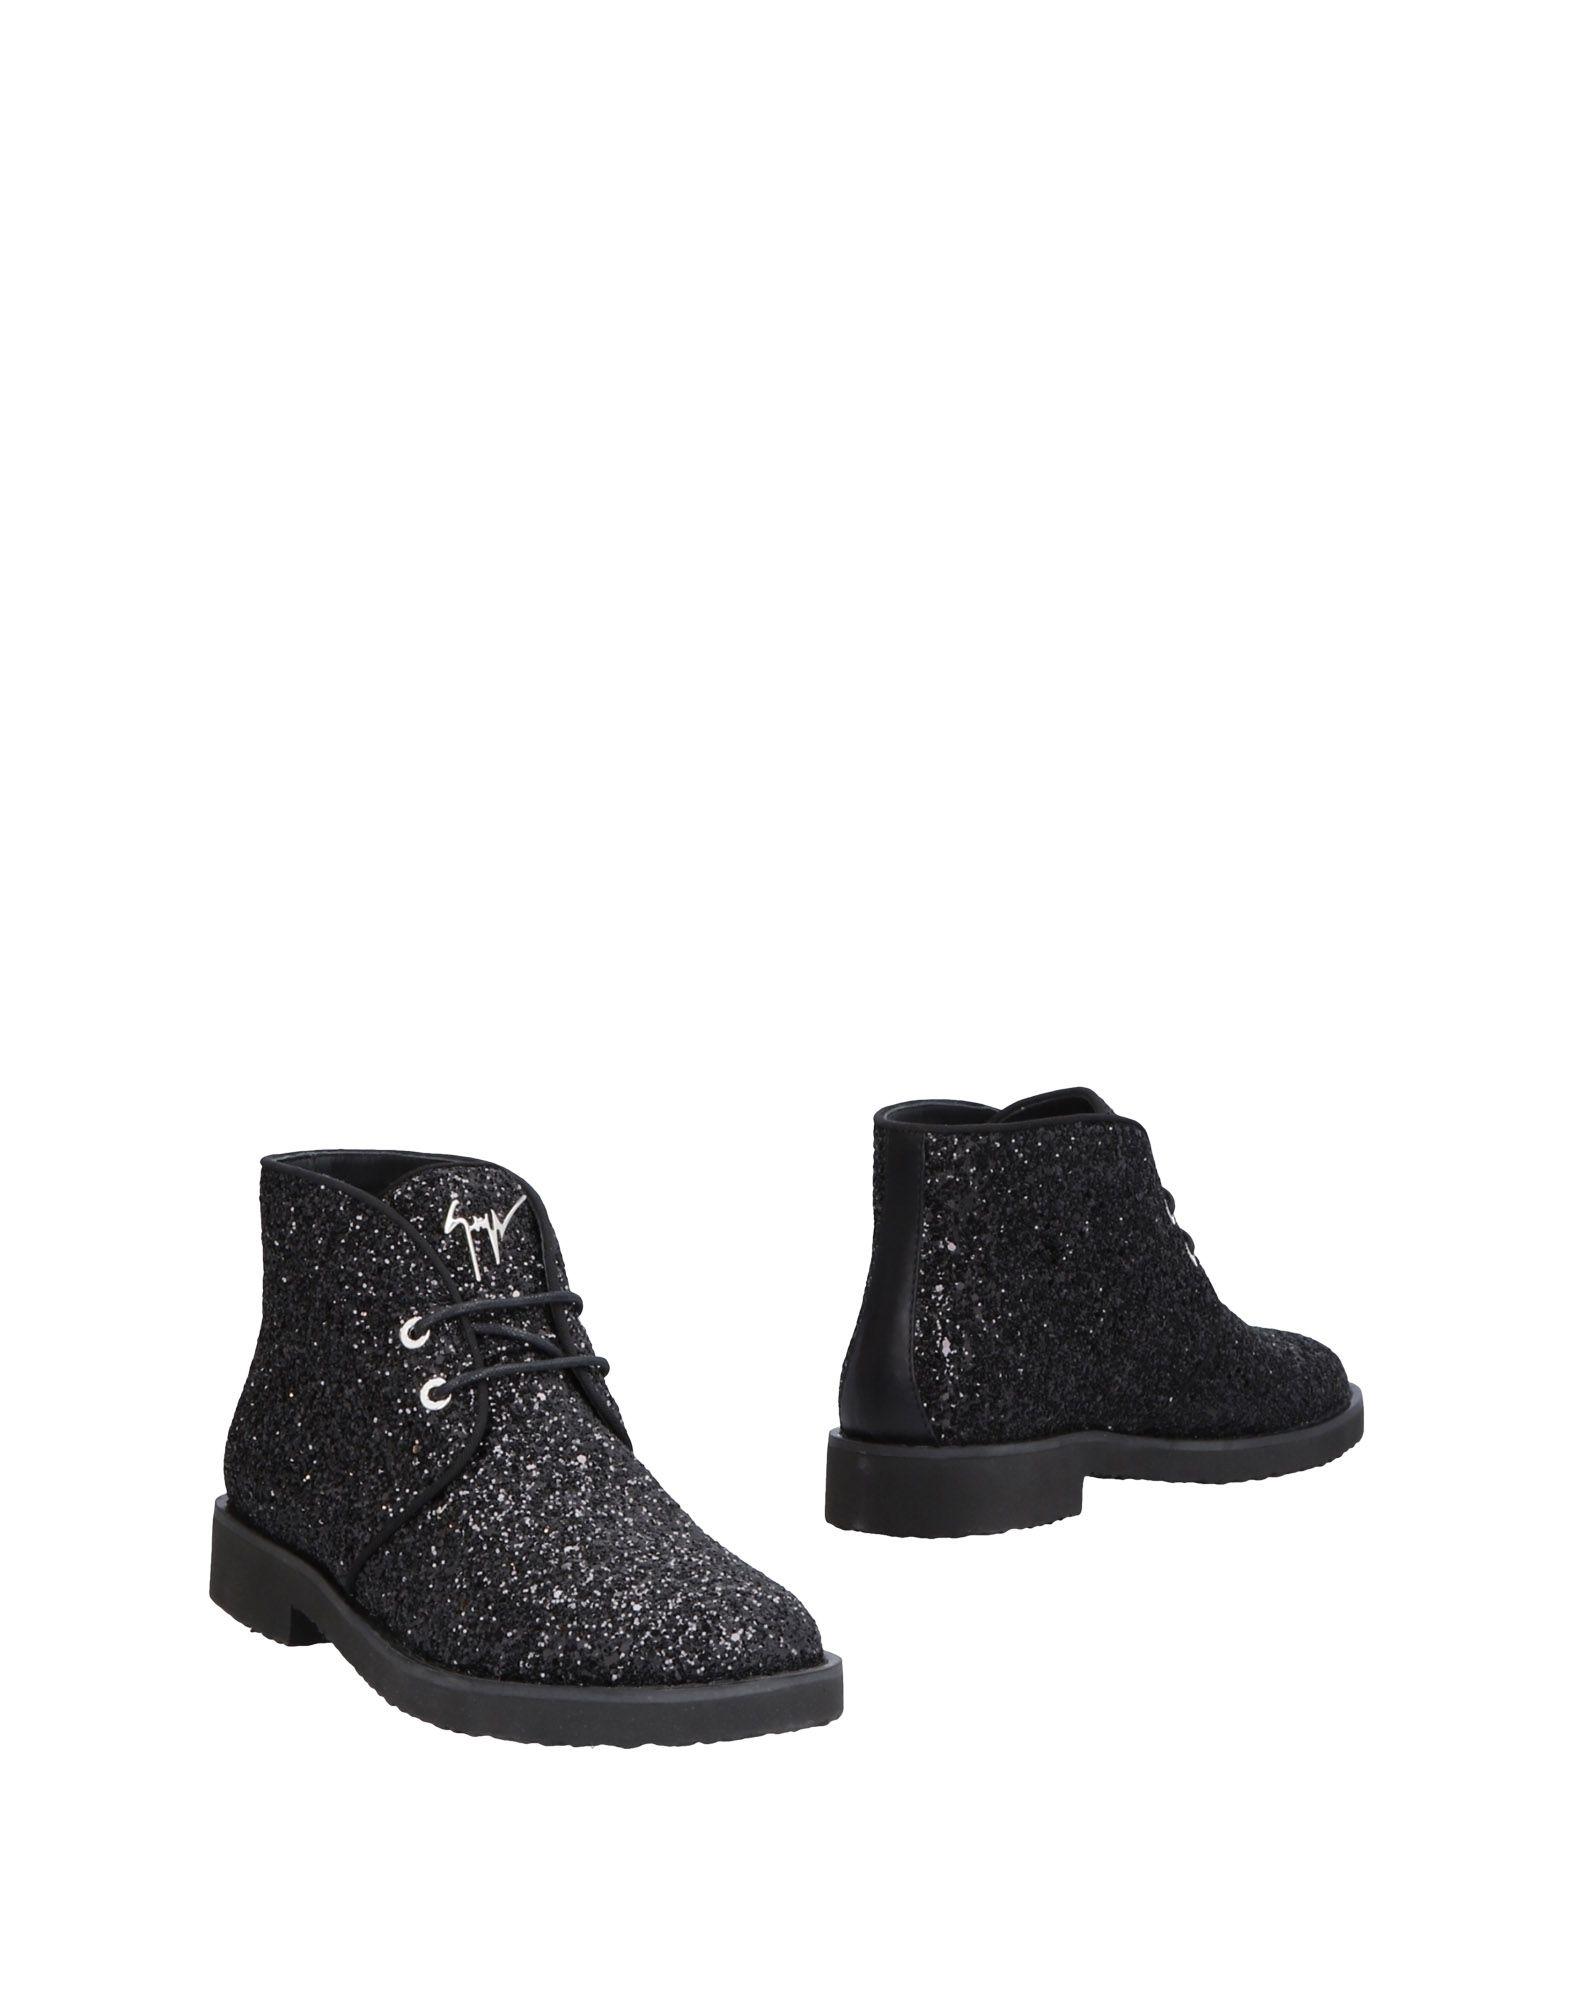 Giuseppe Zanotti Stiefelette Damen  11461441HGGünstige gut aussehende Schuhe